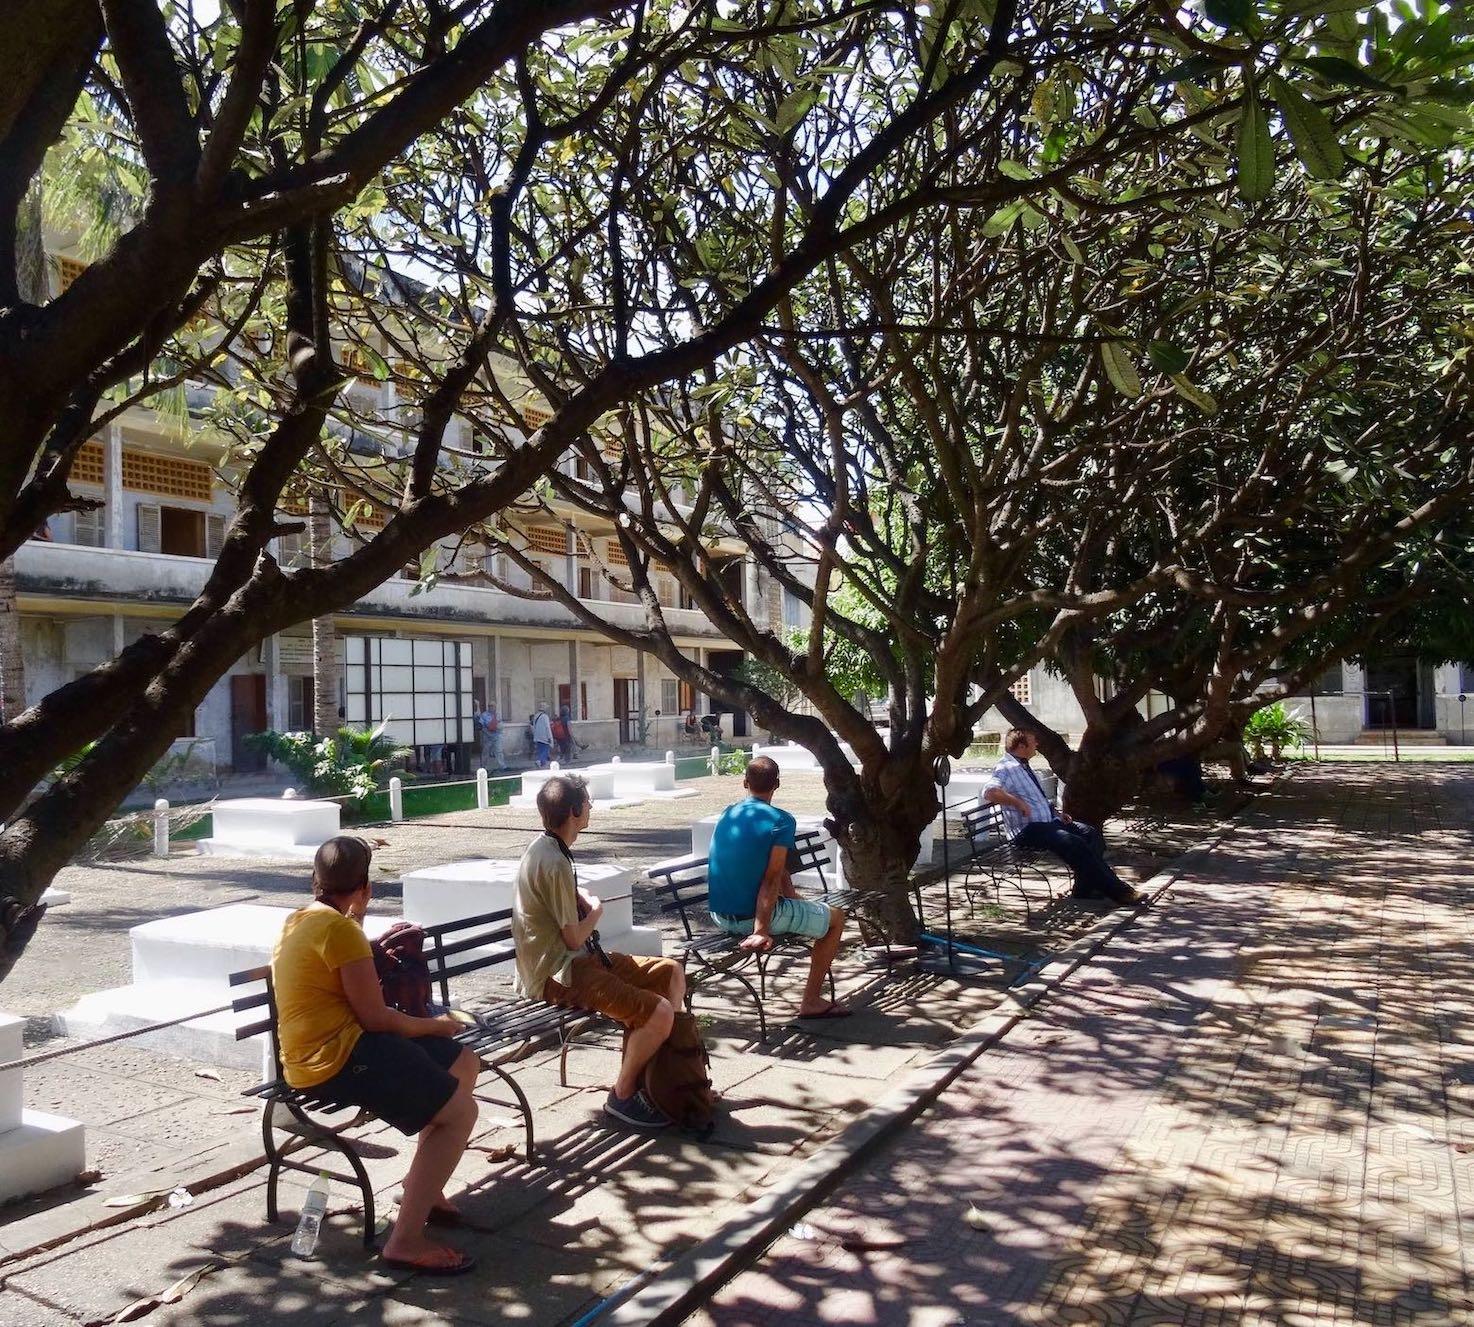 S21 Torture centre and prison Phnom Penh Cambodia